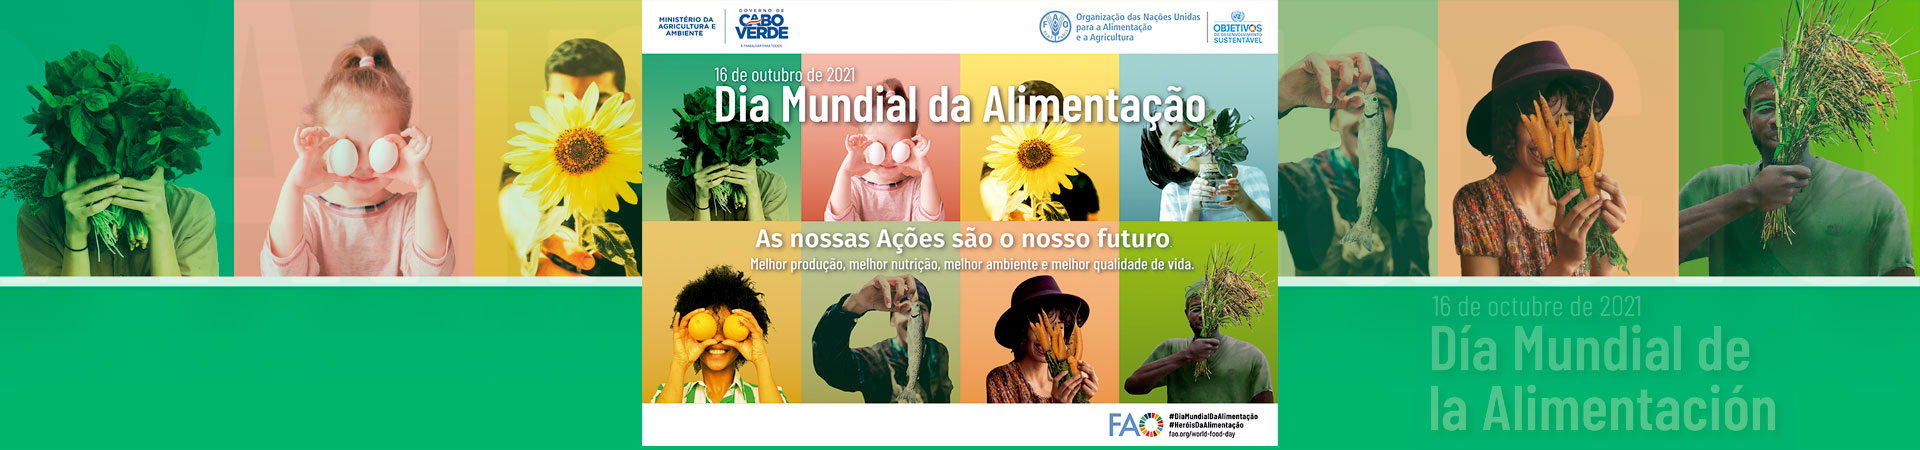 Mensagem alusiva ao Dia Mundial de Alimentação